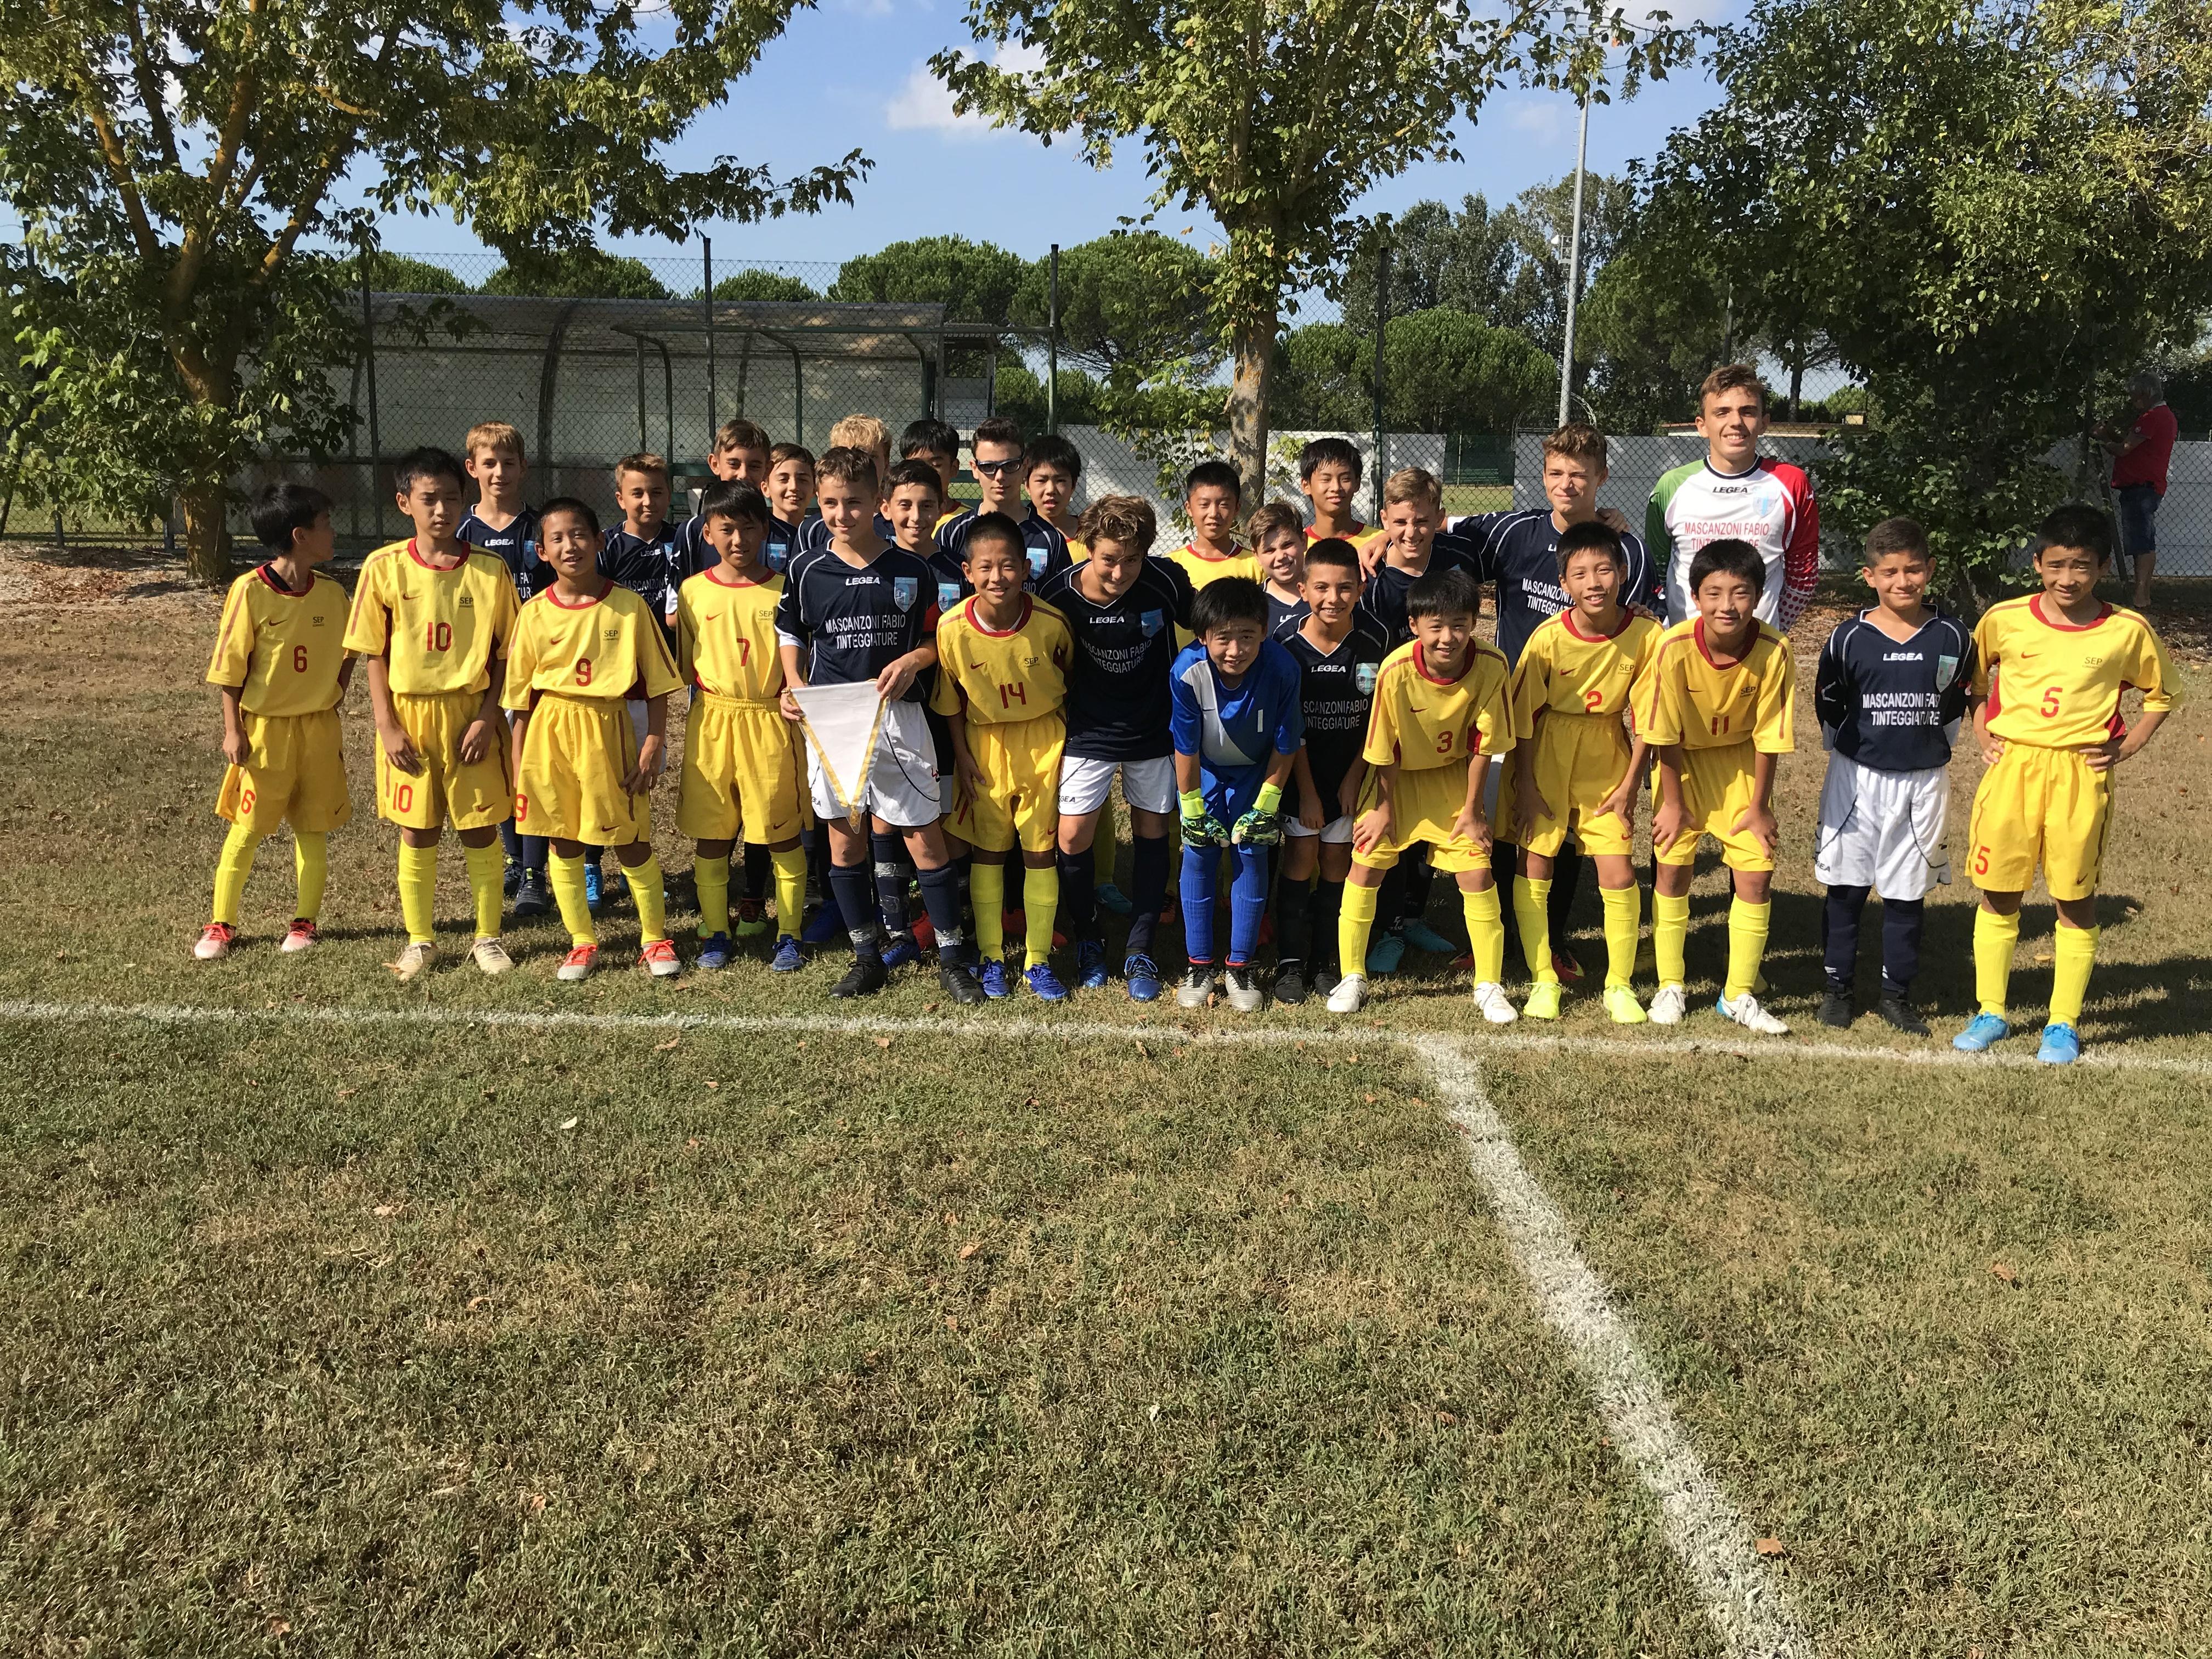 練習試合 | ソレッソ熊本 | 熊本のサッカークラブ